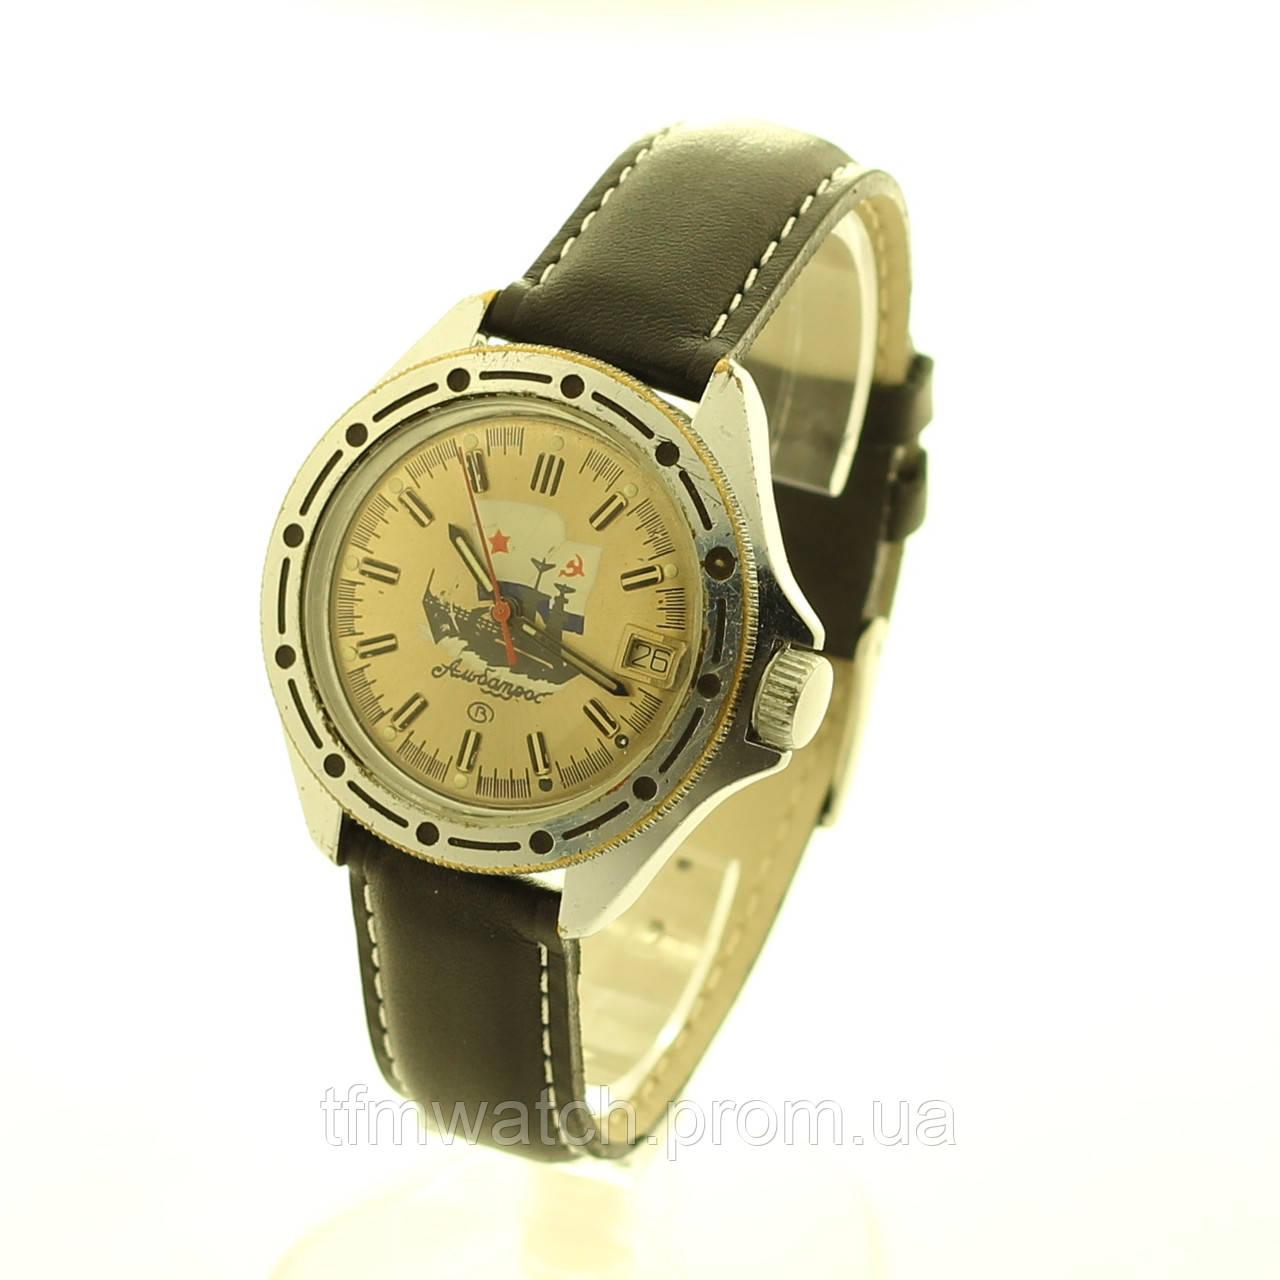 Механические часы Восток Командирские Альбатрос Россия